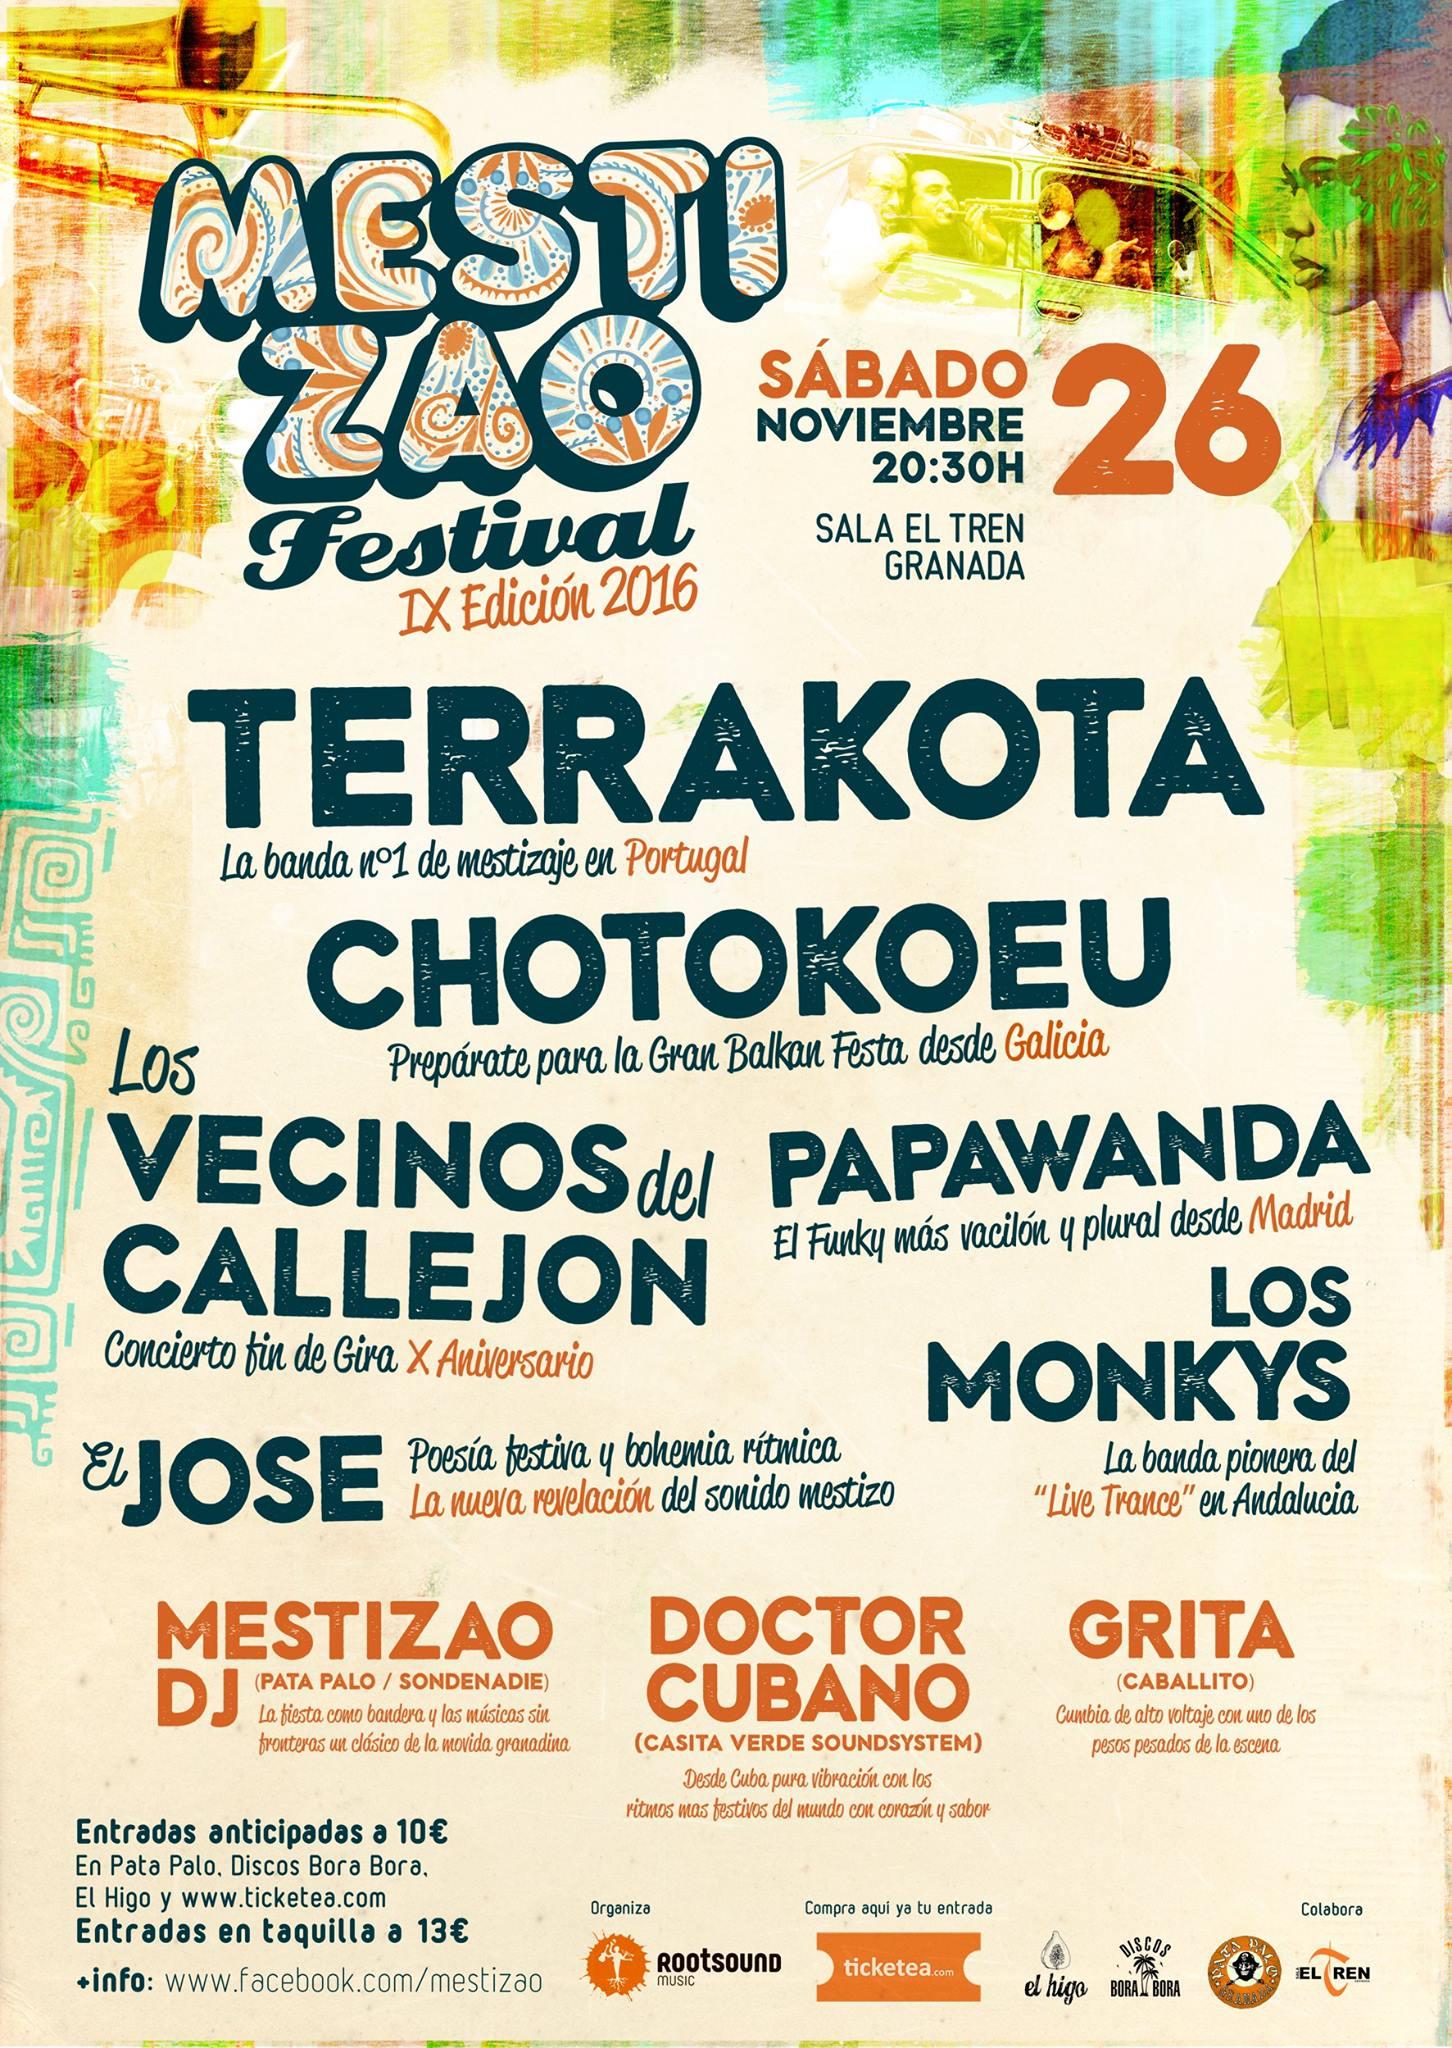 Meztizao Festival: Terrakota, Chotokoeu!, Los Vecinos del Callejón, Papawanda y El José